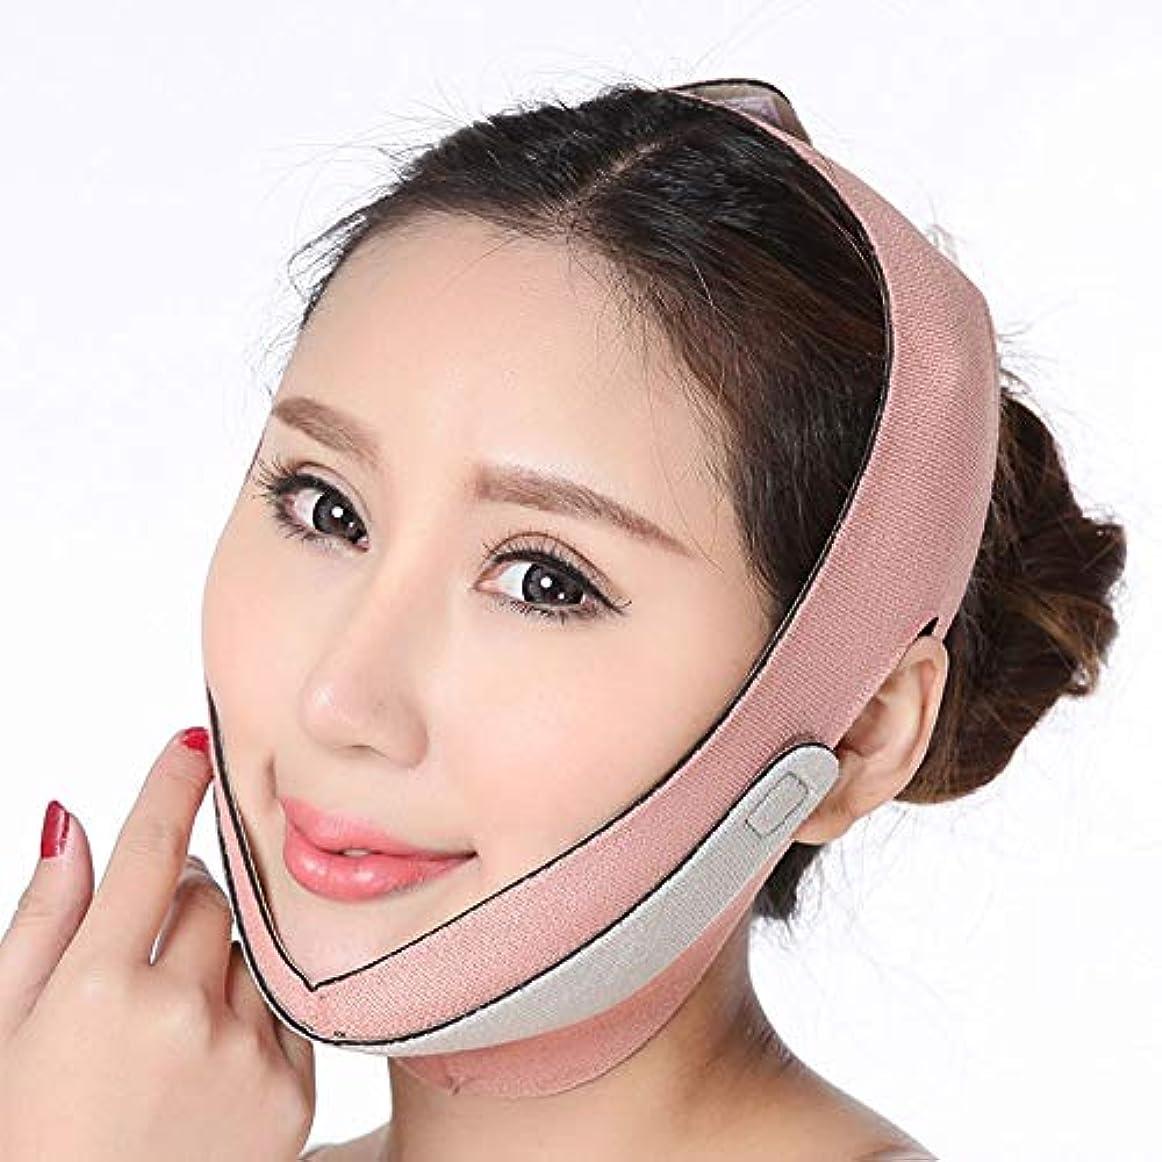 ロイヤリティアブストラクト小川GYZ シンフェイス包帯シンフェイスマスクフェイスリフトアーティファクトレイズVフェイスシンフェイスフェイスリフティング美容マスク小フェイス包帯 Thin Face Belt (Color : A)